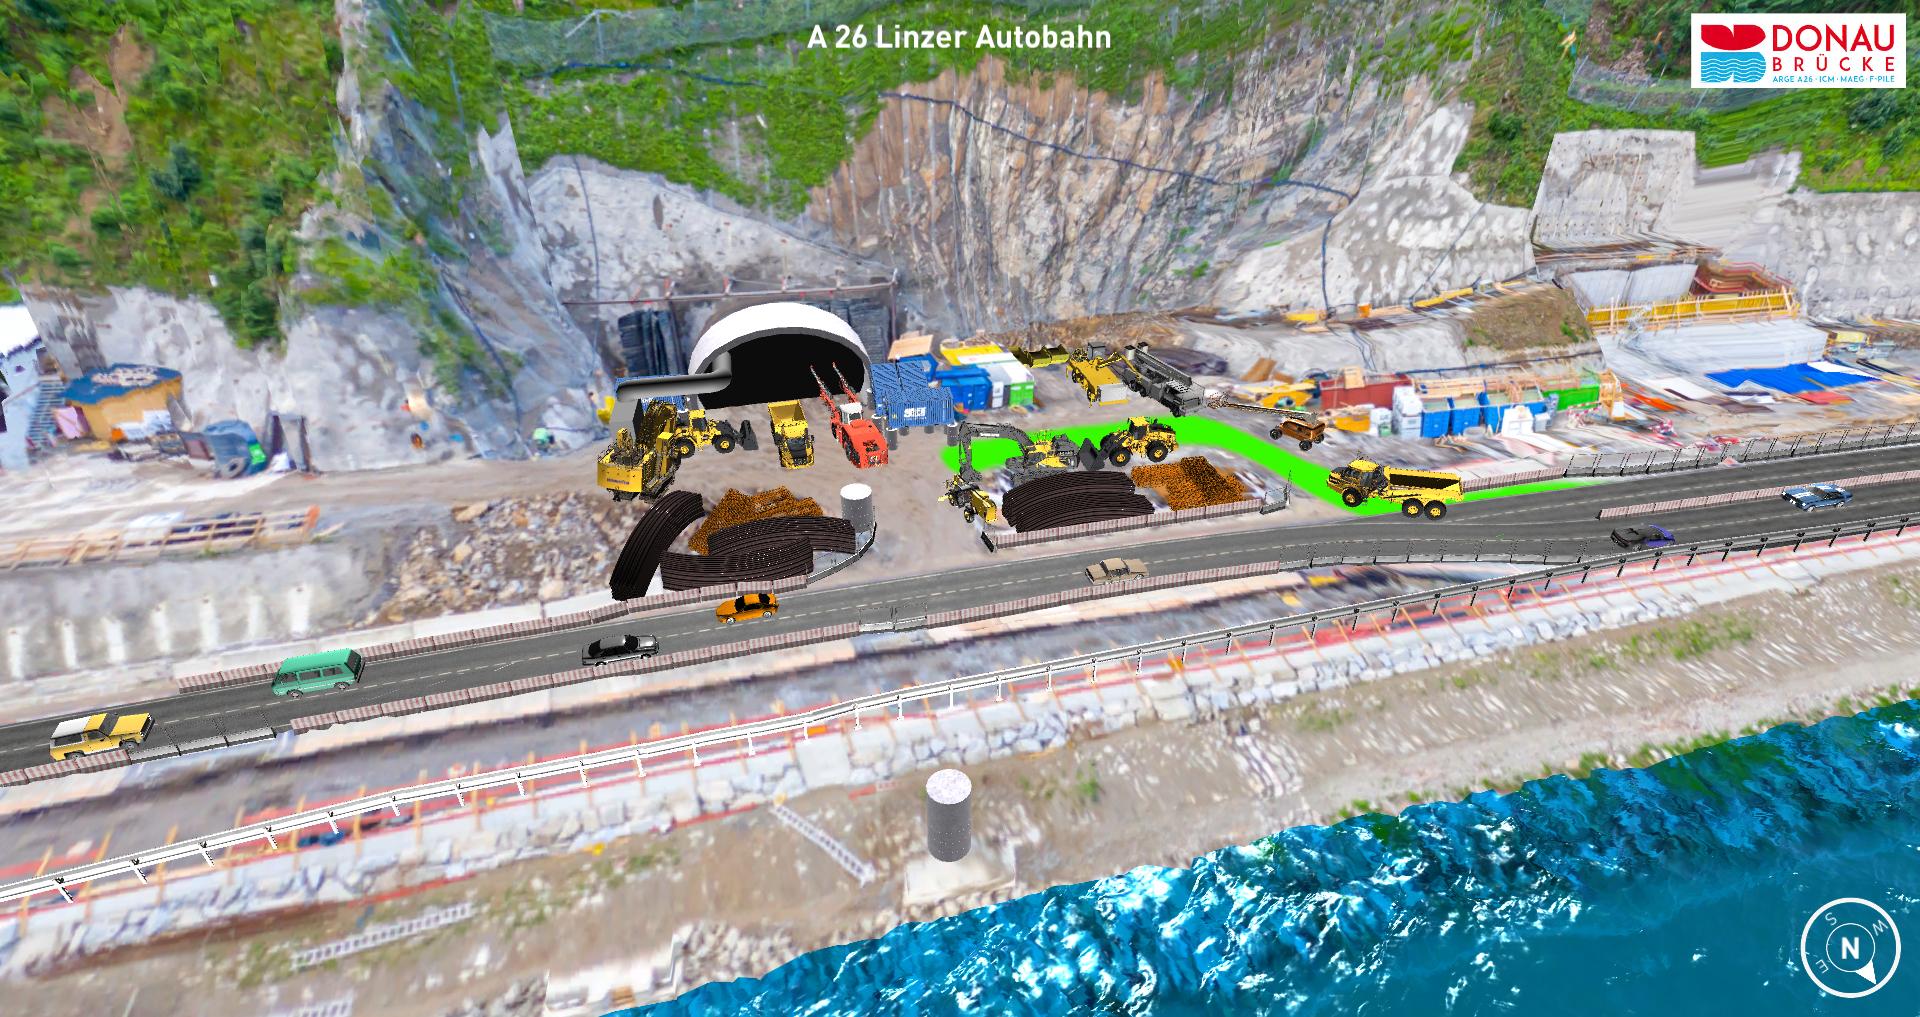 A 26 Linzer Autobahn Tunnelportal